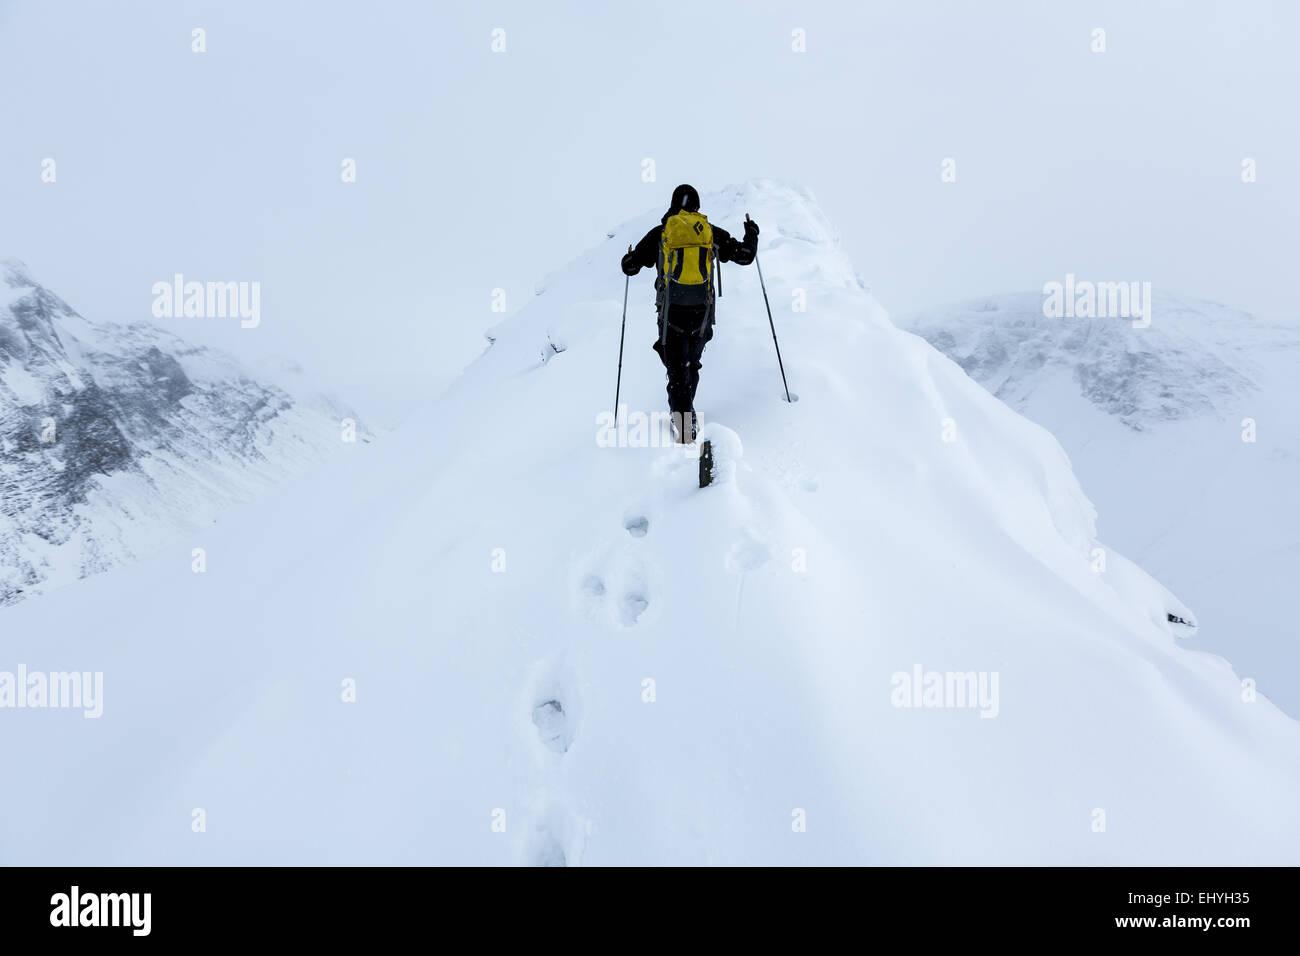 Nallostugan, Kebnekaise Berggebiet, Kiruna, Schweden, Europa, EU Stockbild